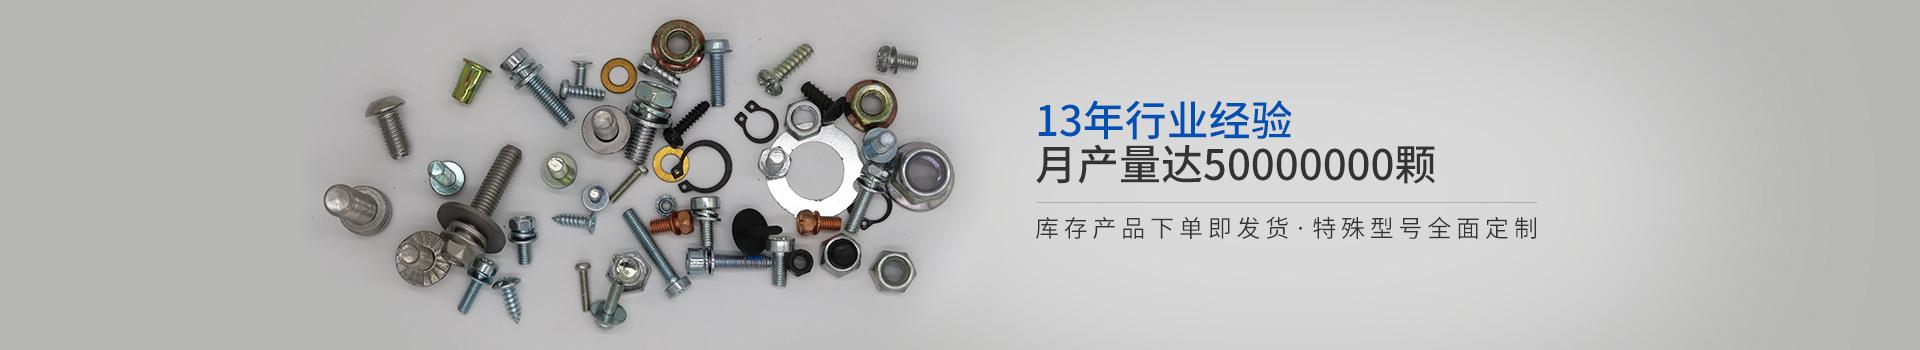 泰铭-13年行业经验